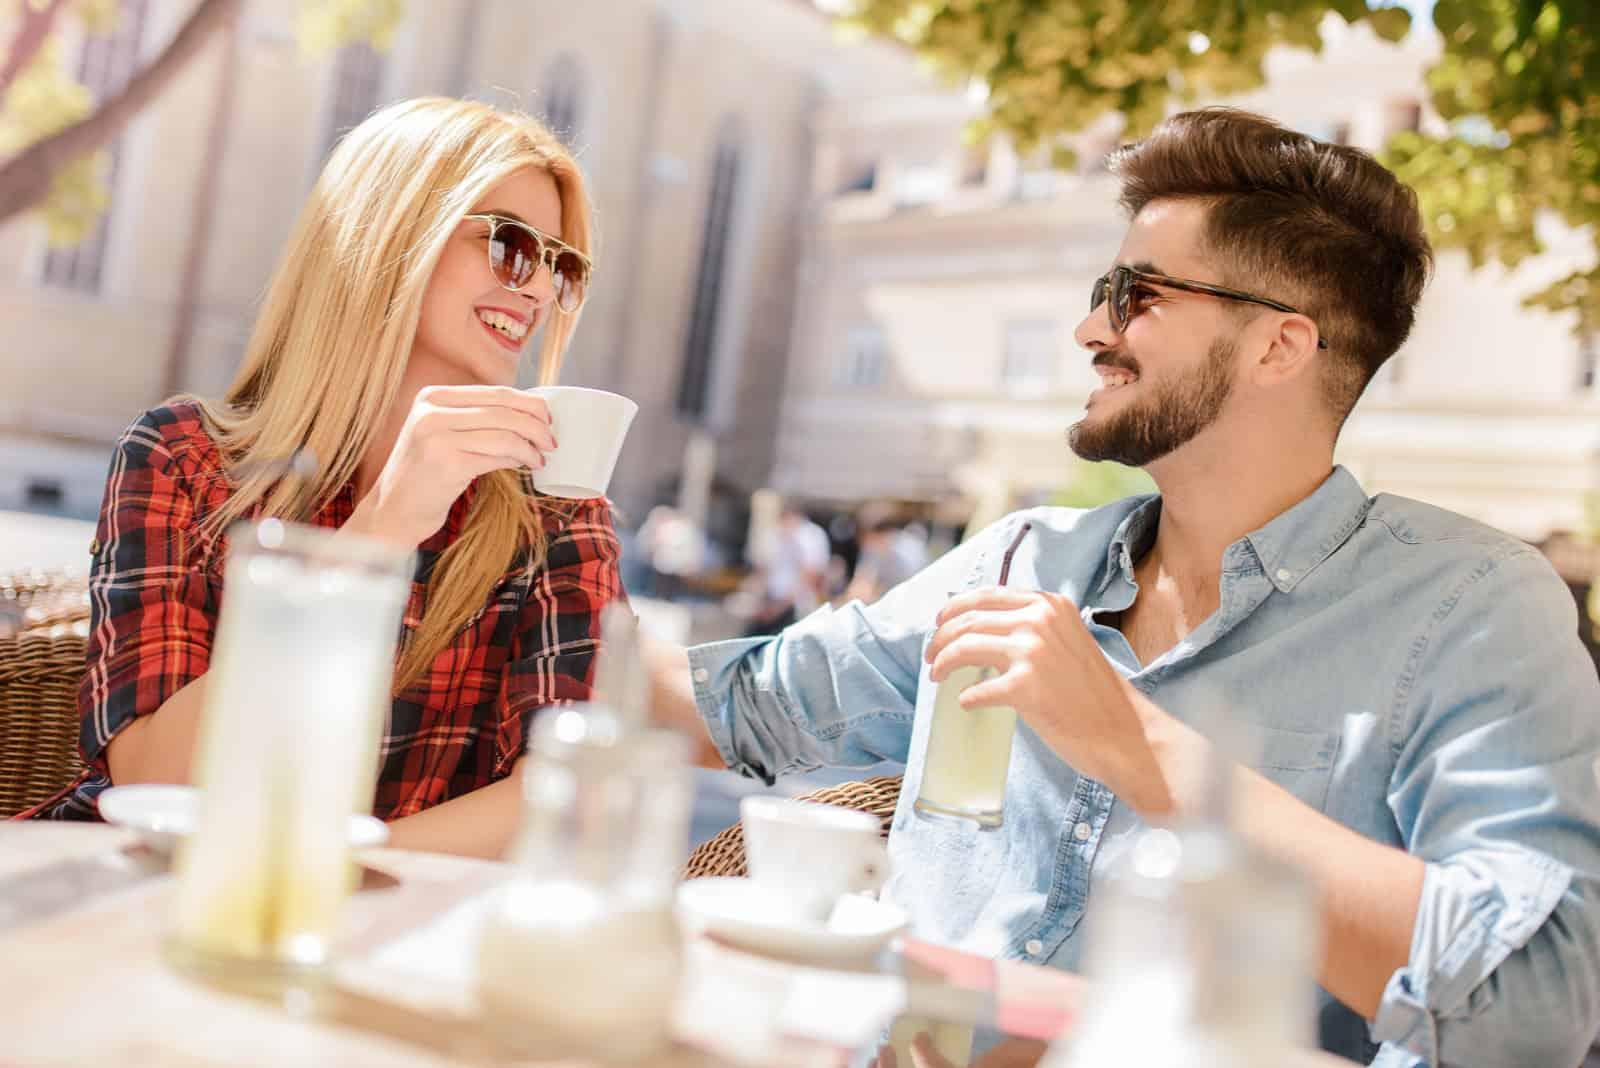 homme et femme buvant du café assis en plein air